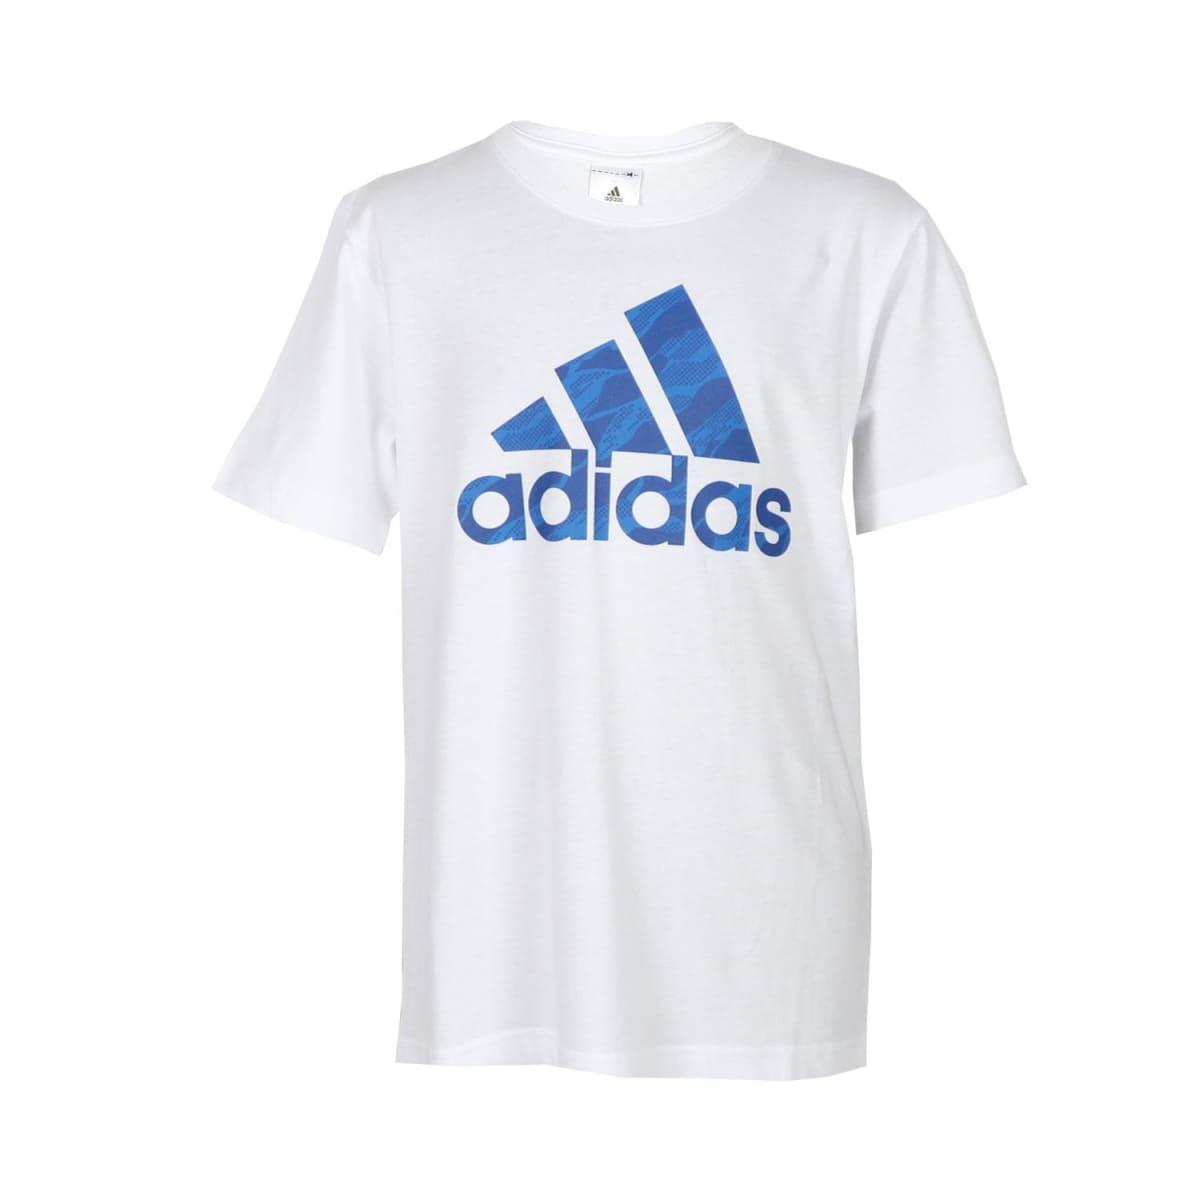 3e9e78e3 adidas - Sportsmans Warehouse - South Africa